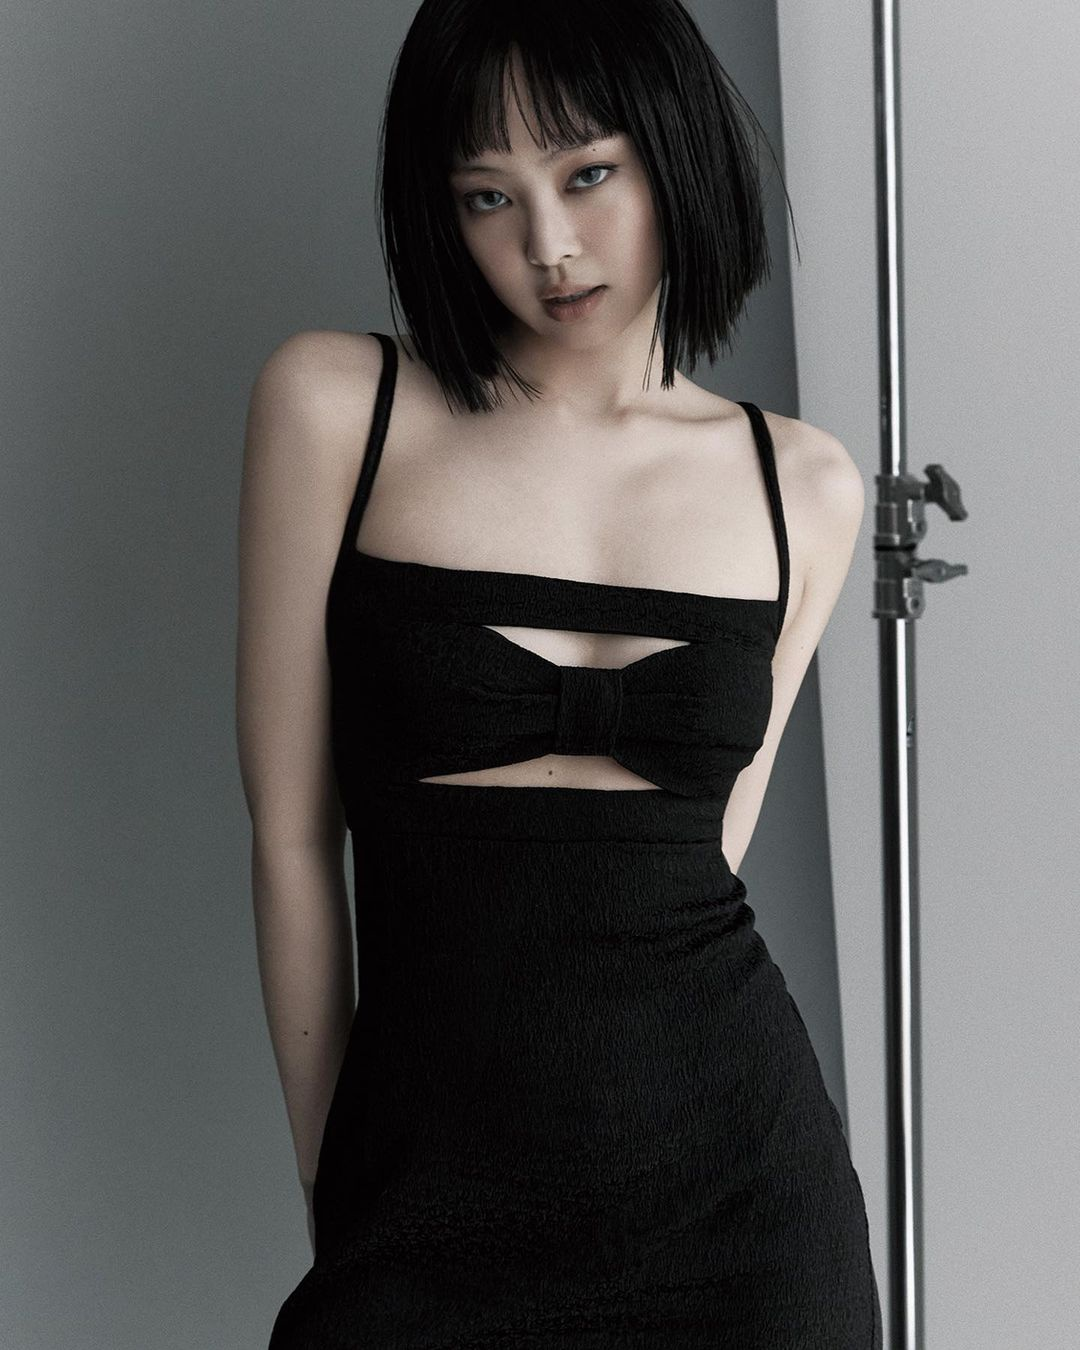 Jennie  de toc ngan anh 3